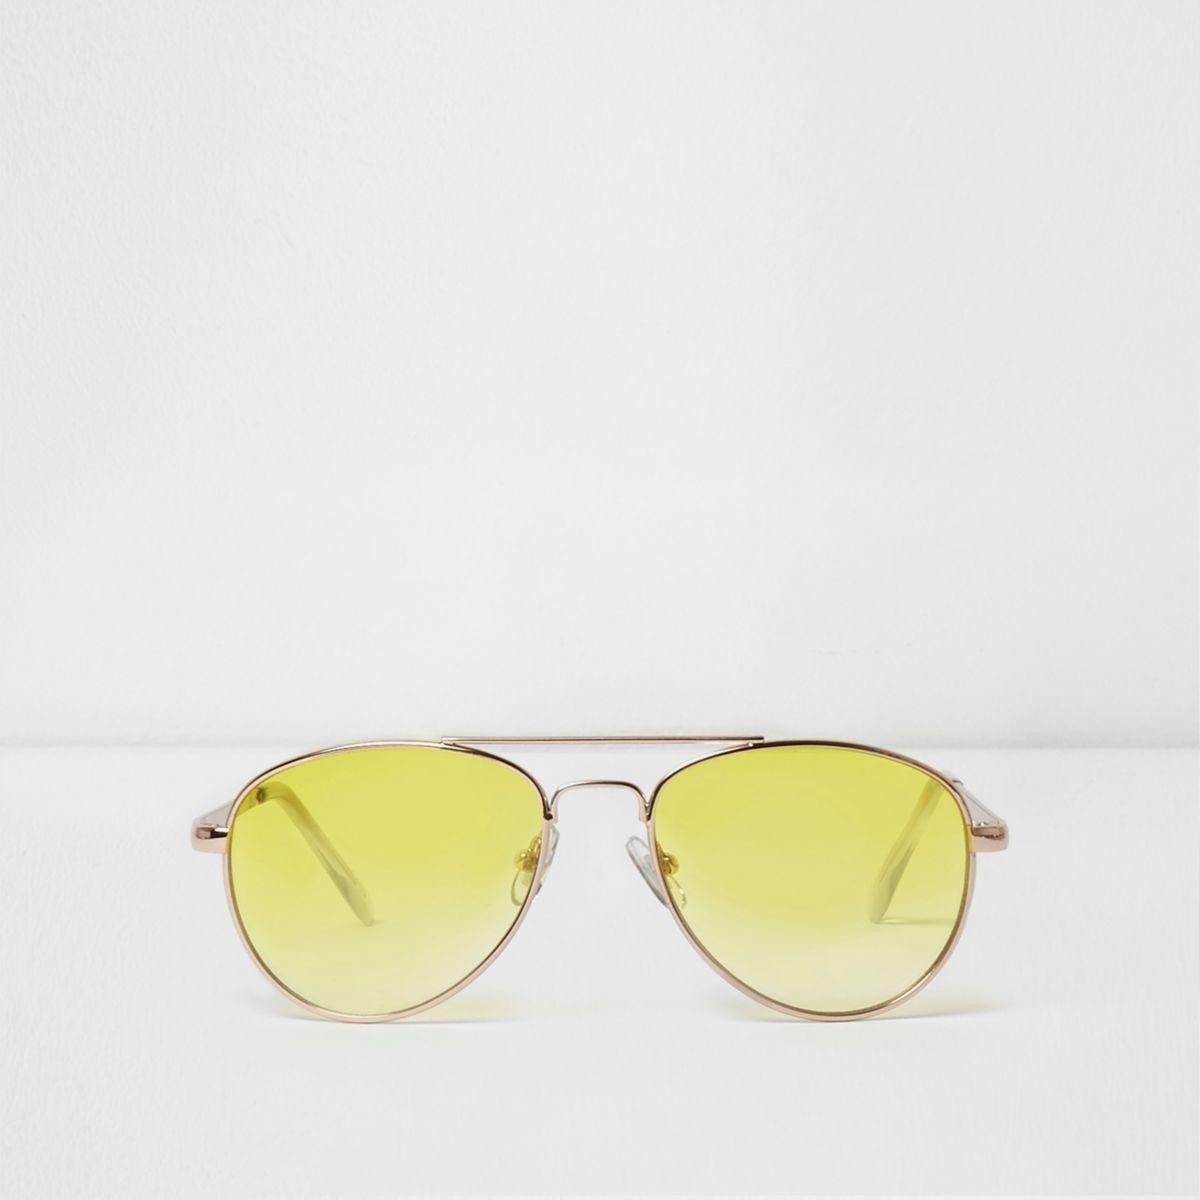 Pilotensonnenbrille mit gelben Brillengläsern